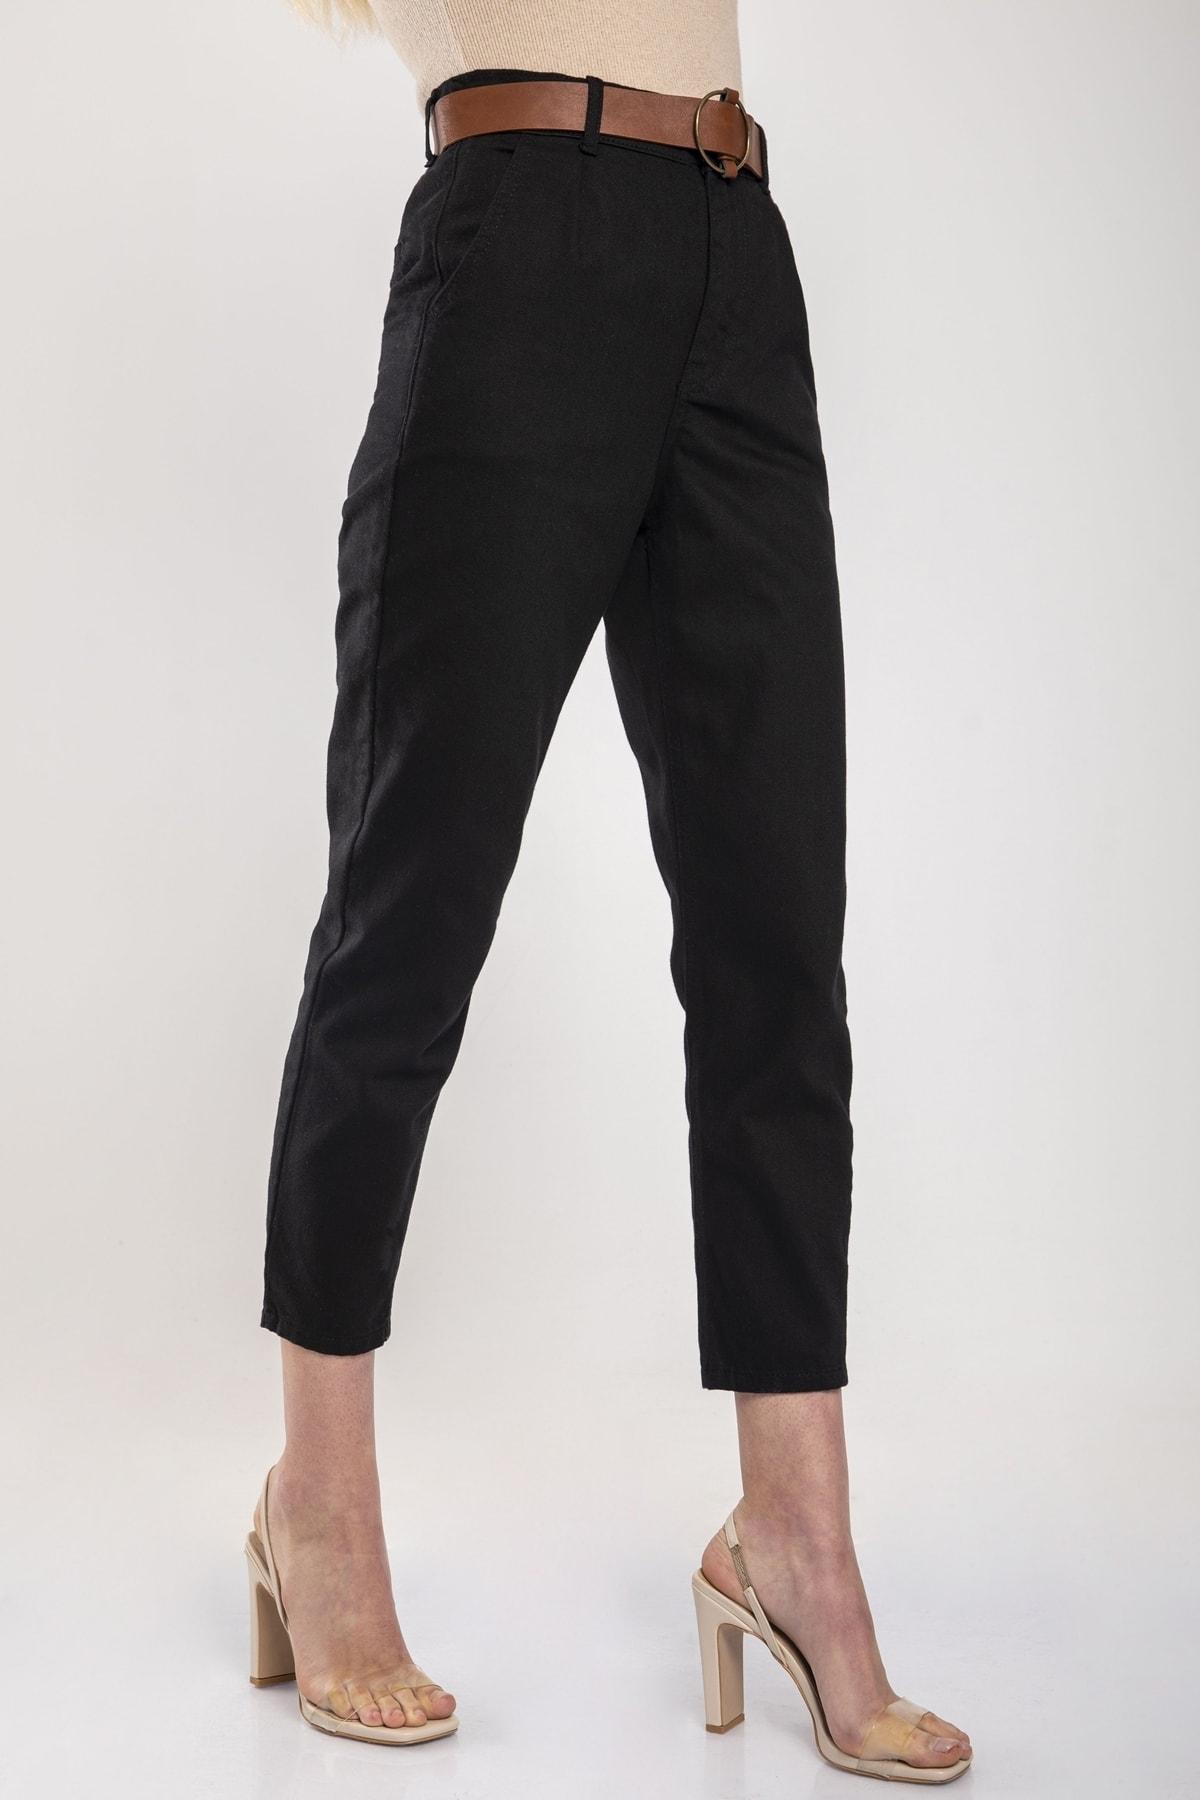 MD trend Kadın Siyah Bel Lastikli Kemerli Gabardin Pantolon 2